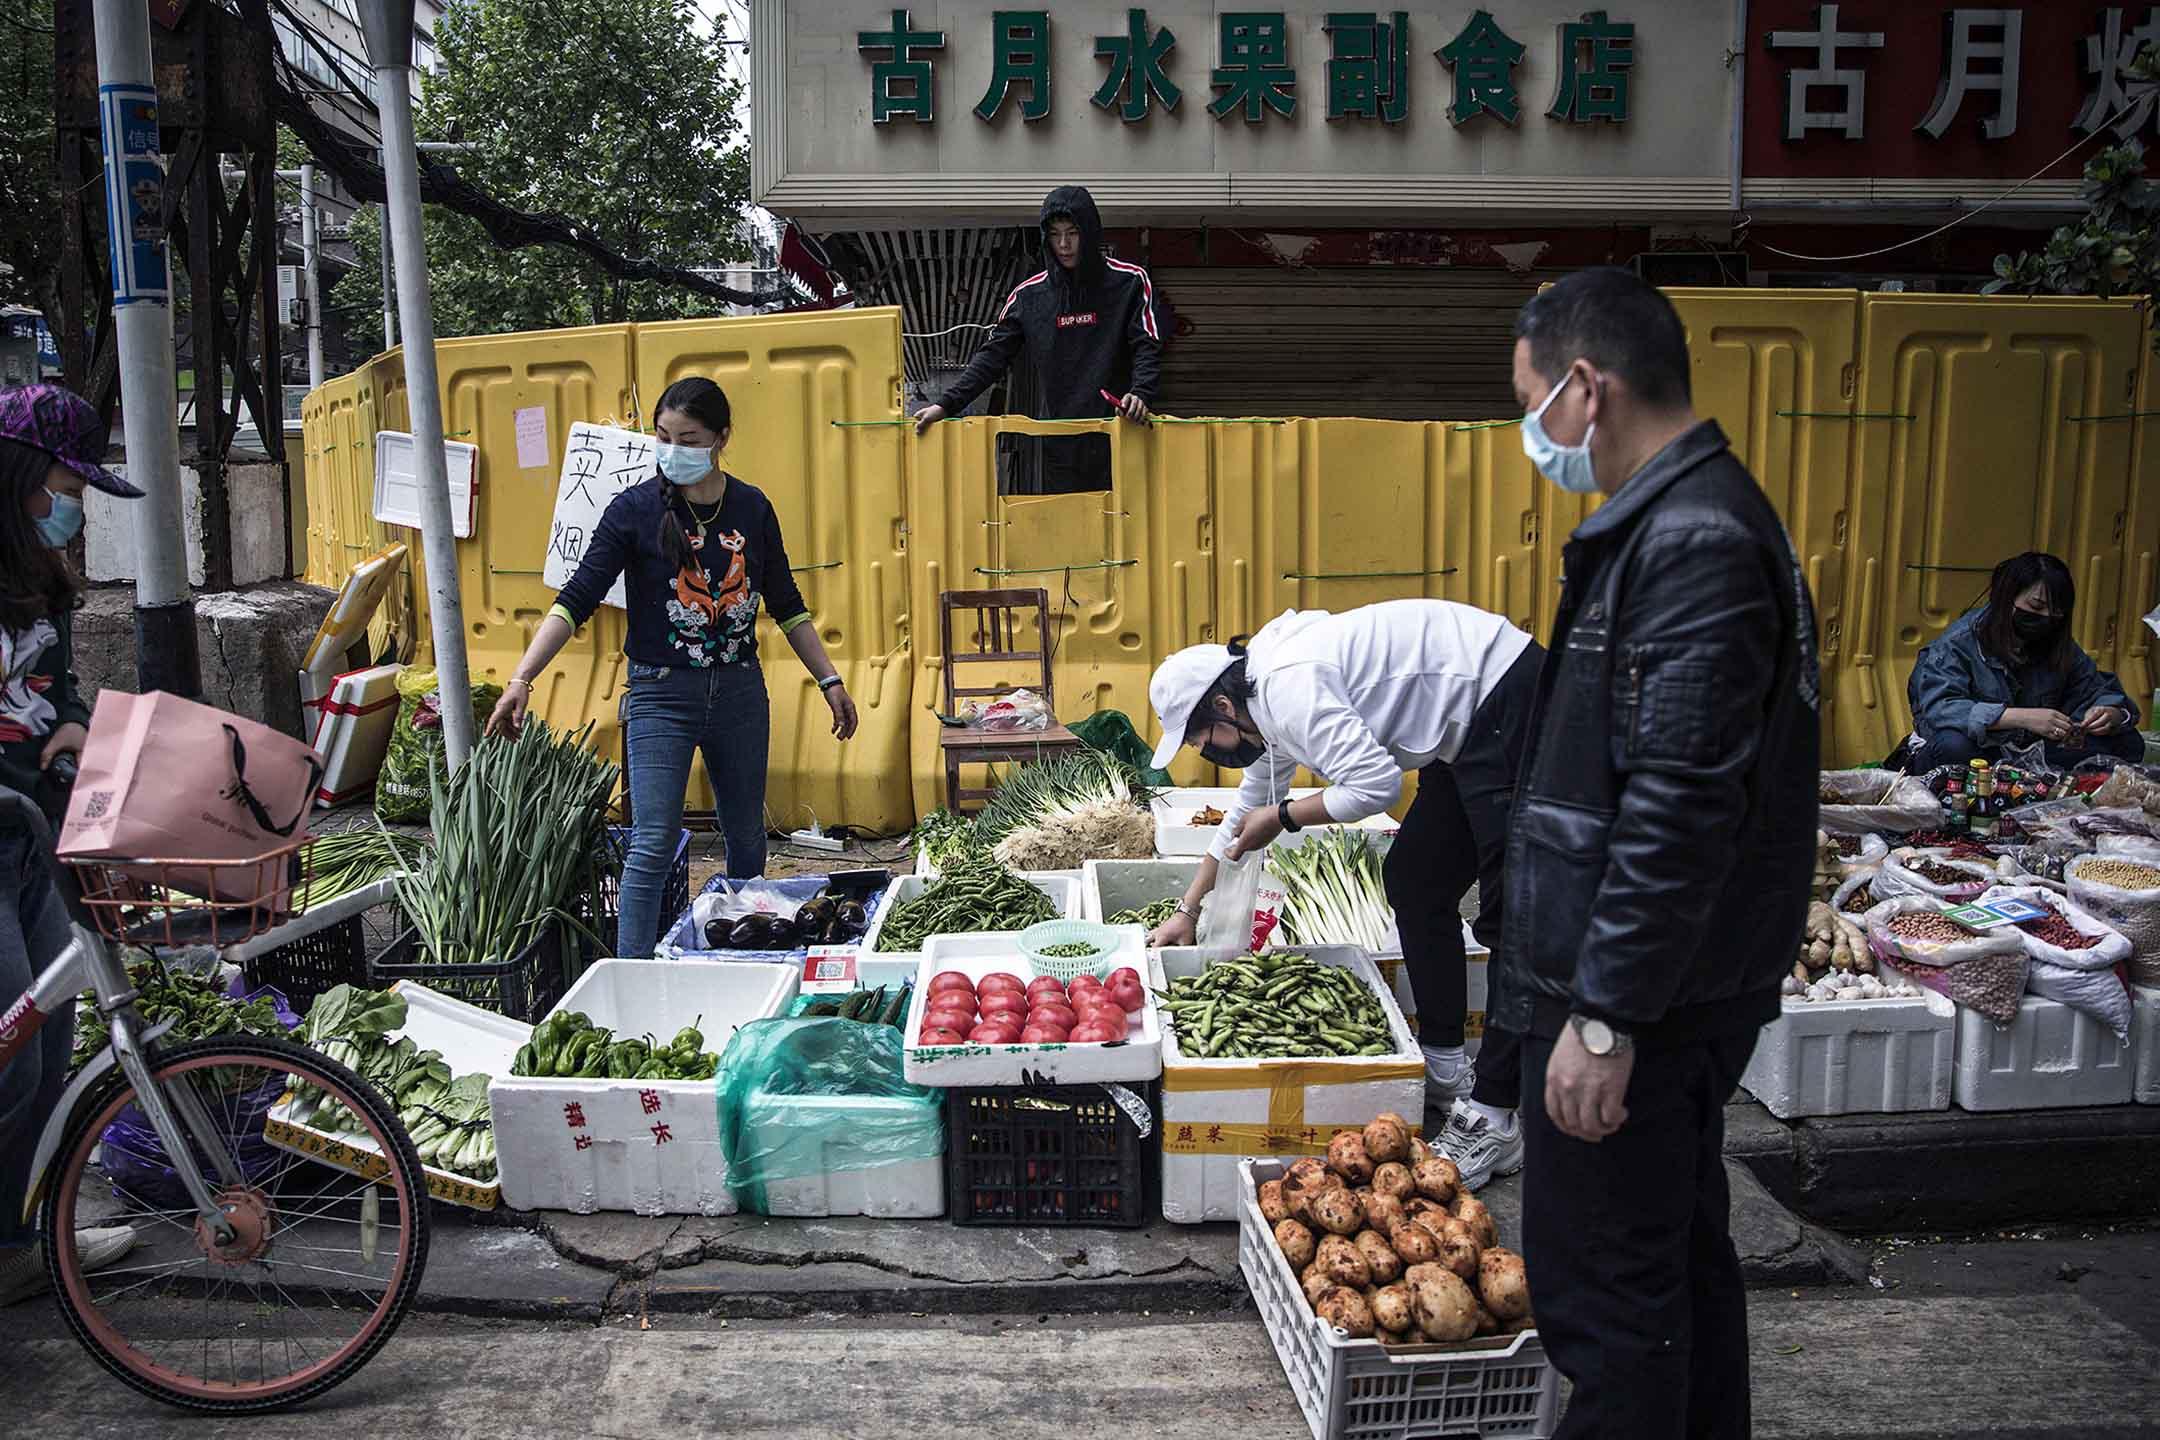 2020年4月17日武漢,路障前商販在出售蔬菜,疫情期間,社區被圍封以控制居民進出。